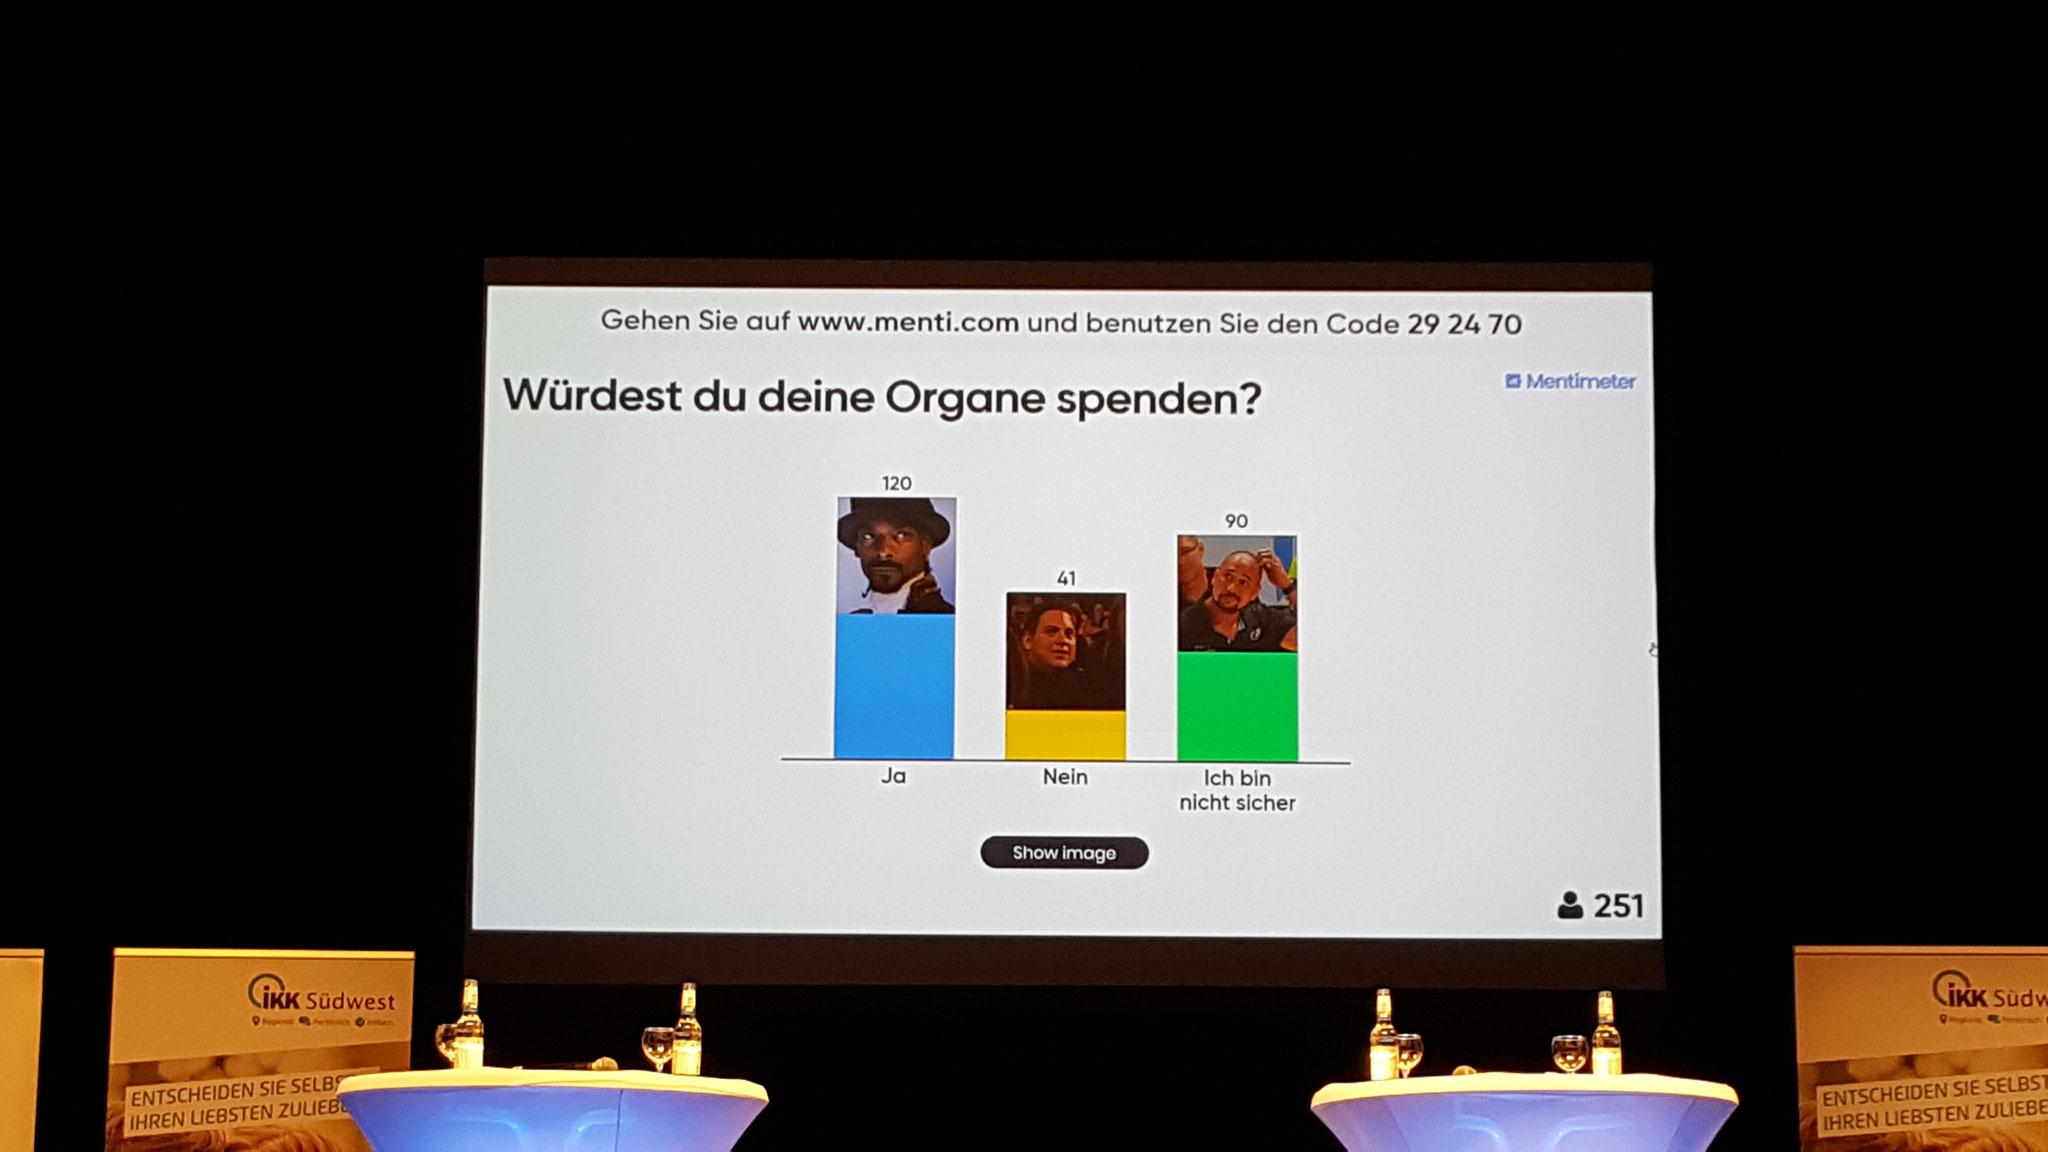 Ergebnis von einer der interaktiven Umfragen während des Vormittags.